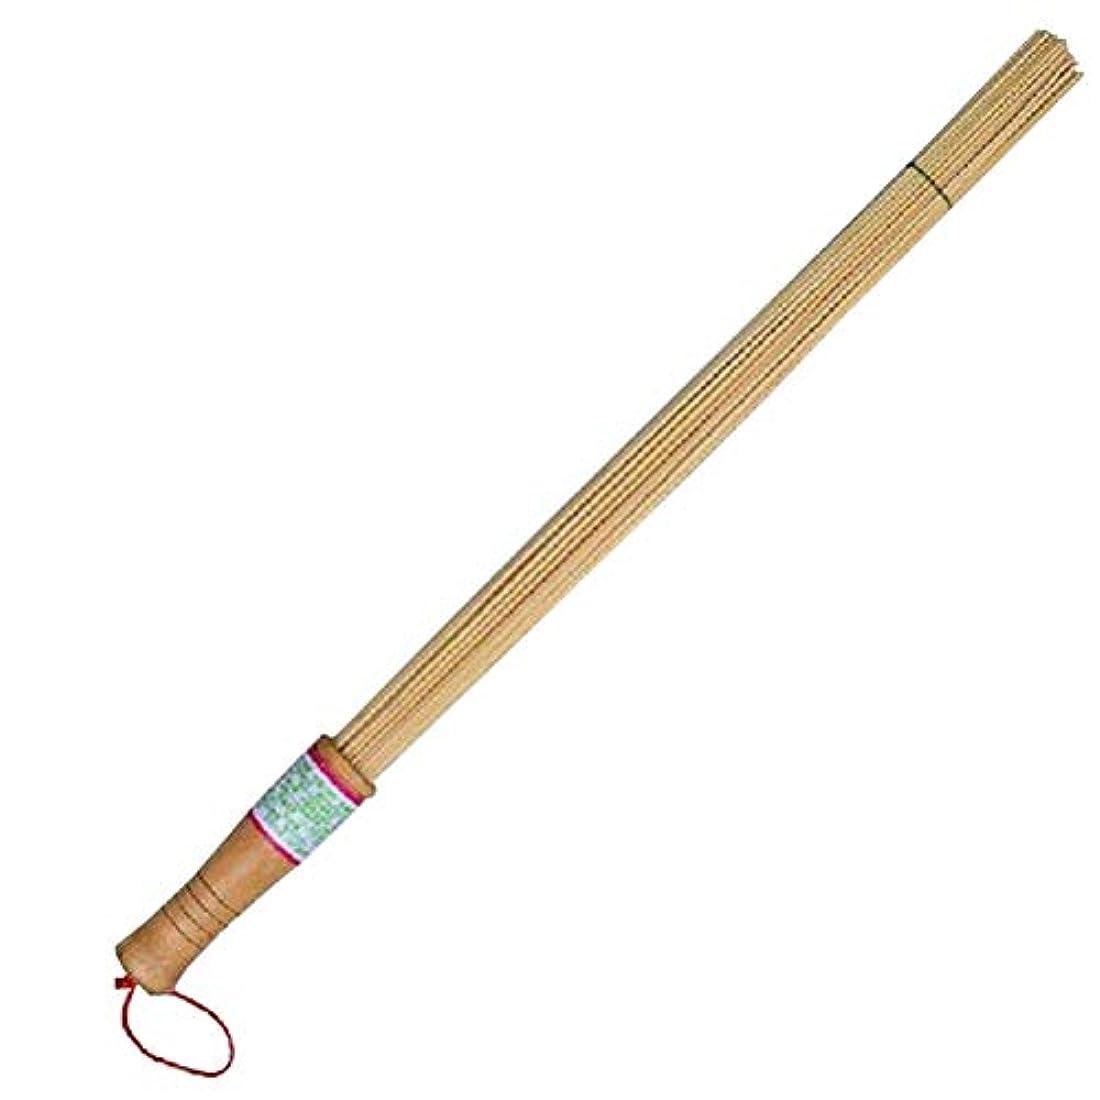 消す閉じ込める高架HEALIFTY 緩和のためのタケマッサージの棒のAcupointのマッサージャーの背部療法のノッカー